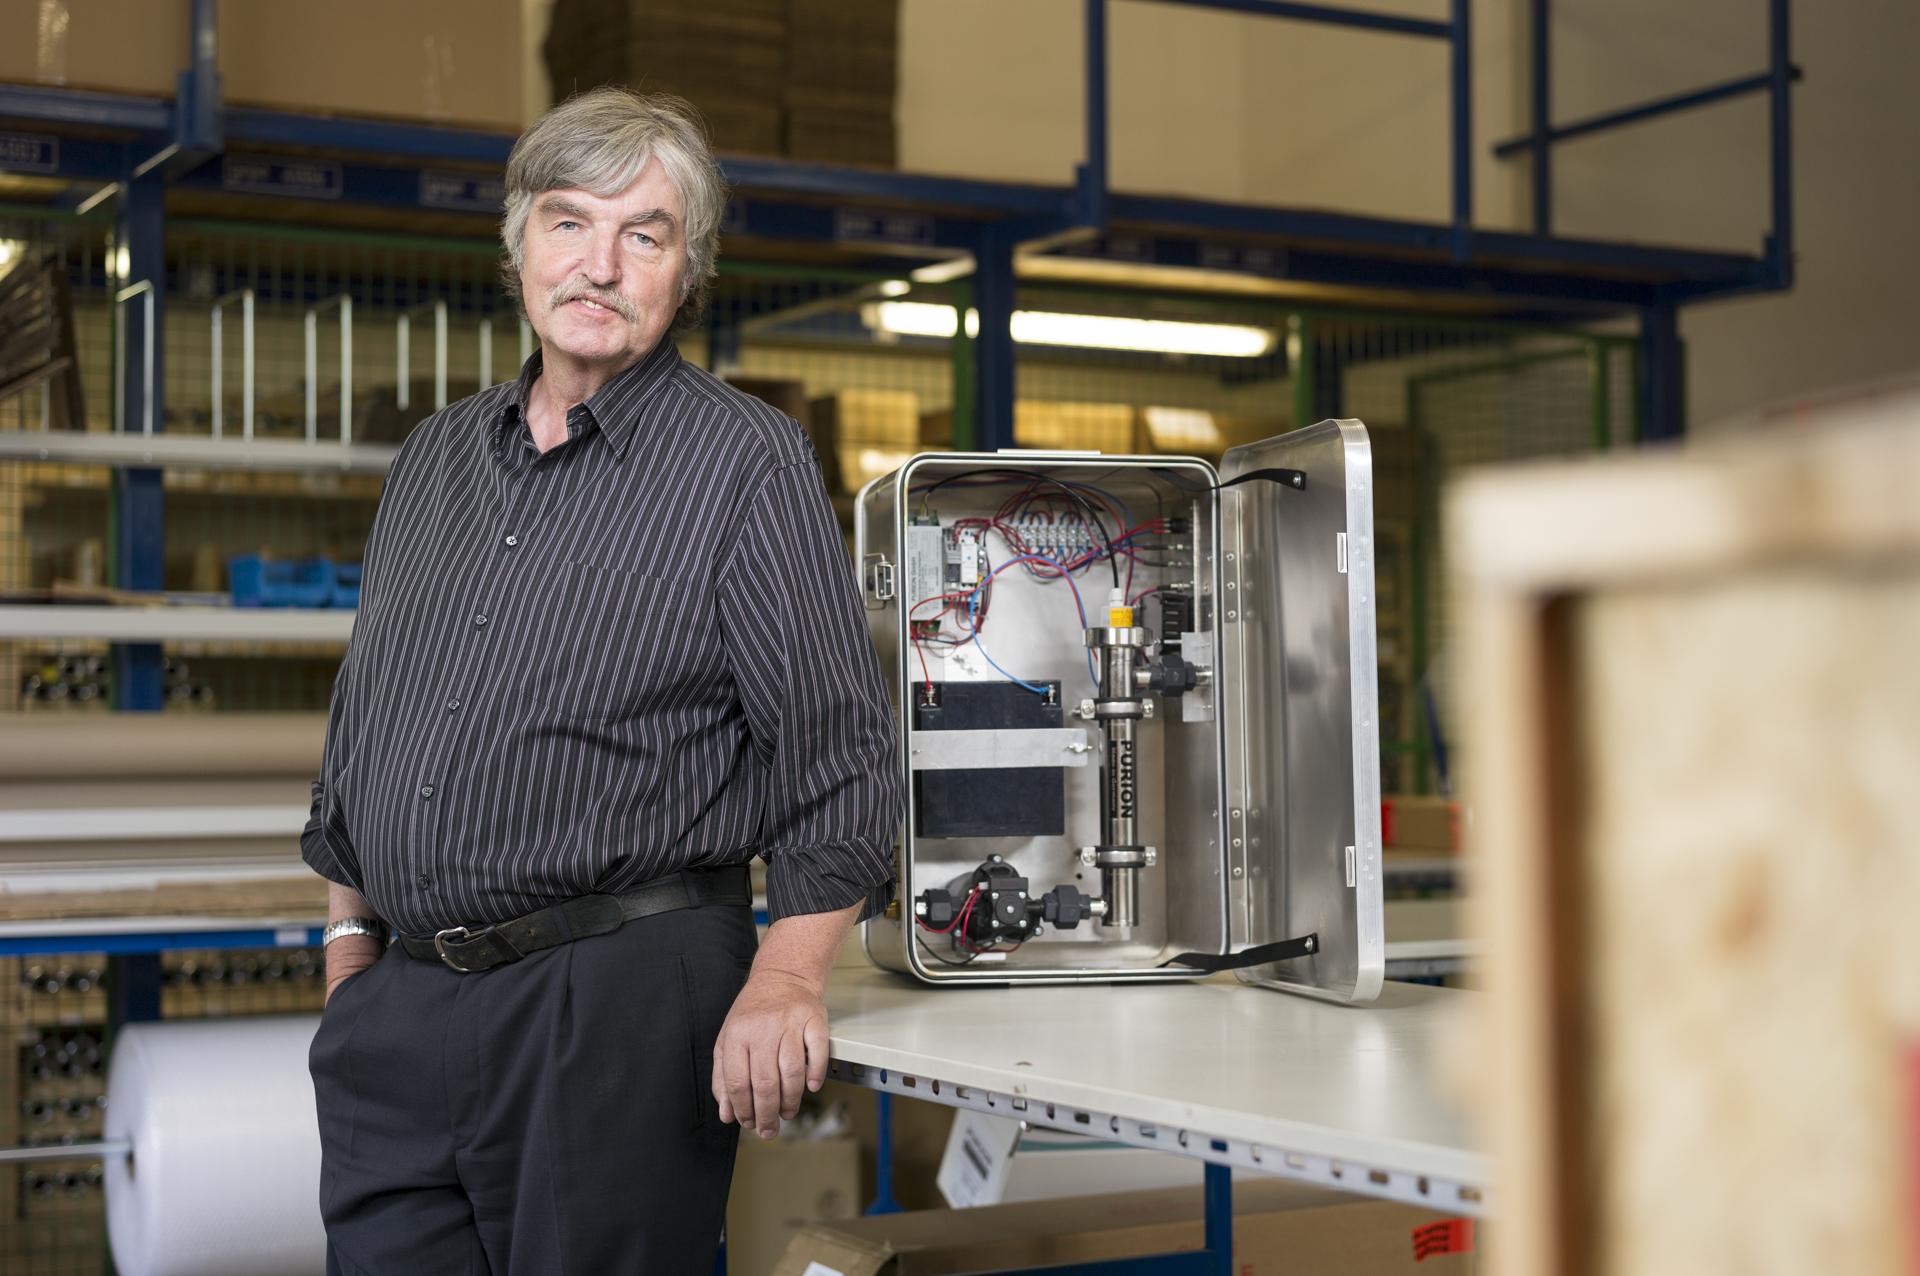 DEU, 98544 Zella-Mehlis, 02.06.2014, Walter Wipprich, PURION GmbH